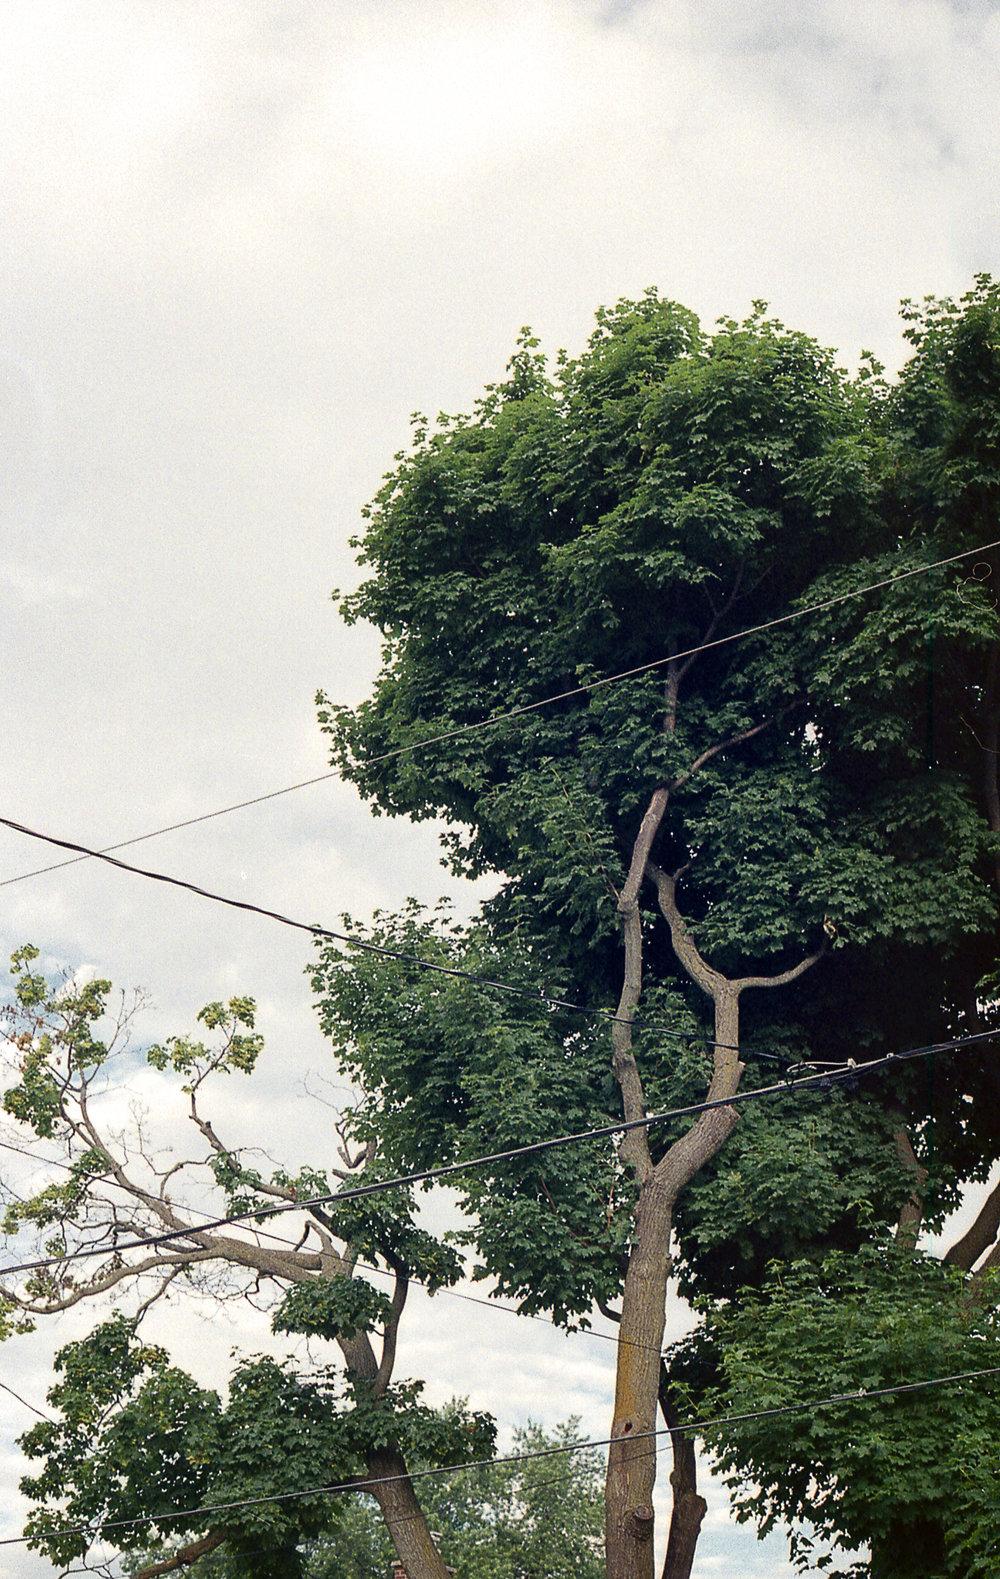 Schofield-Ashton-Nature-Suburbia-65.jpg